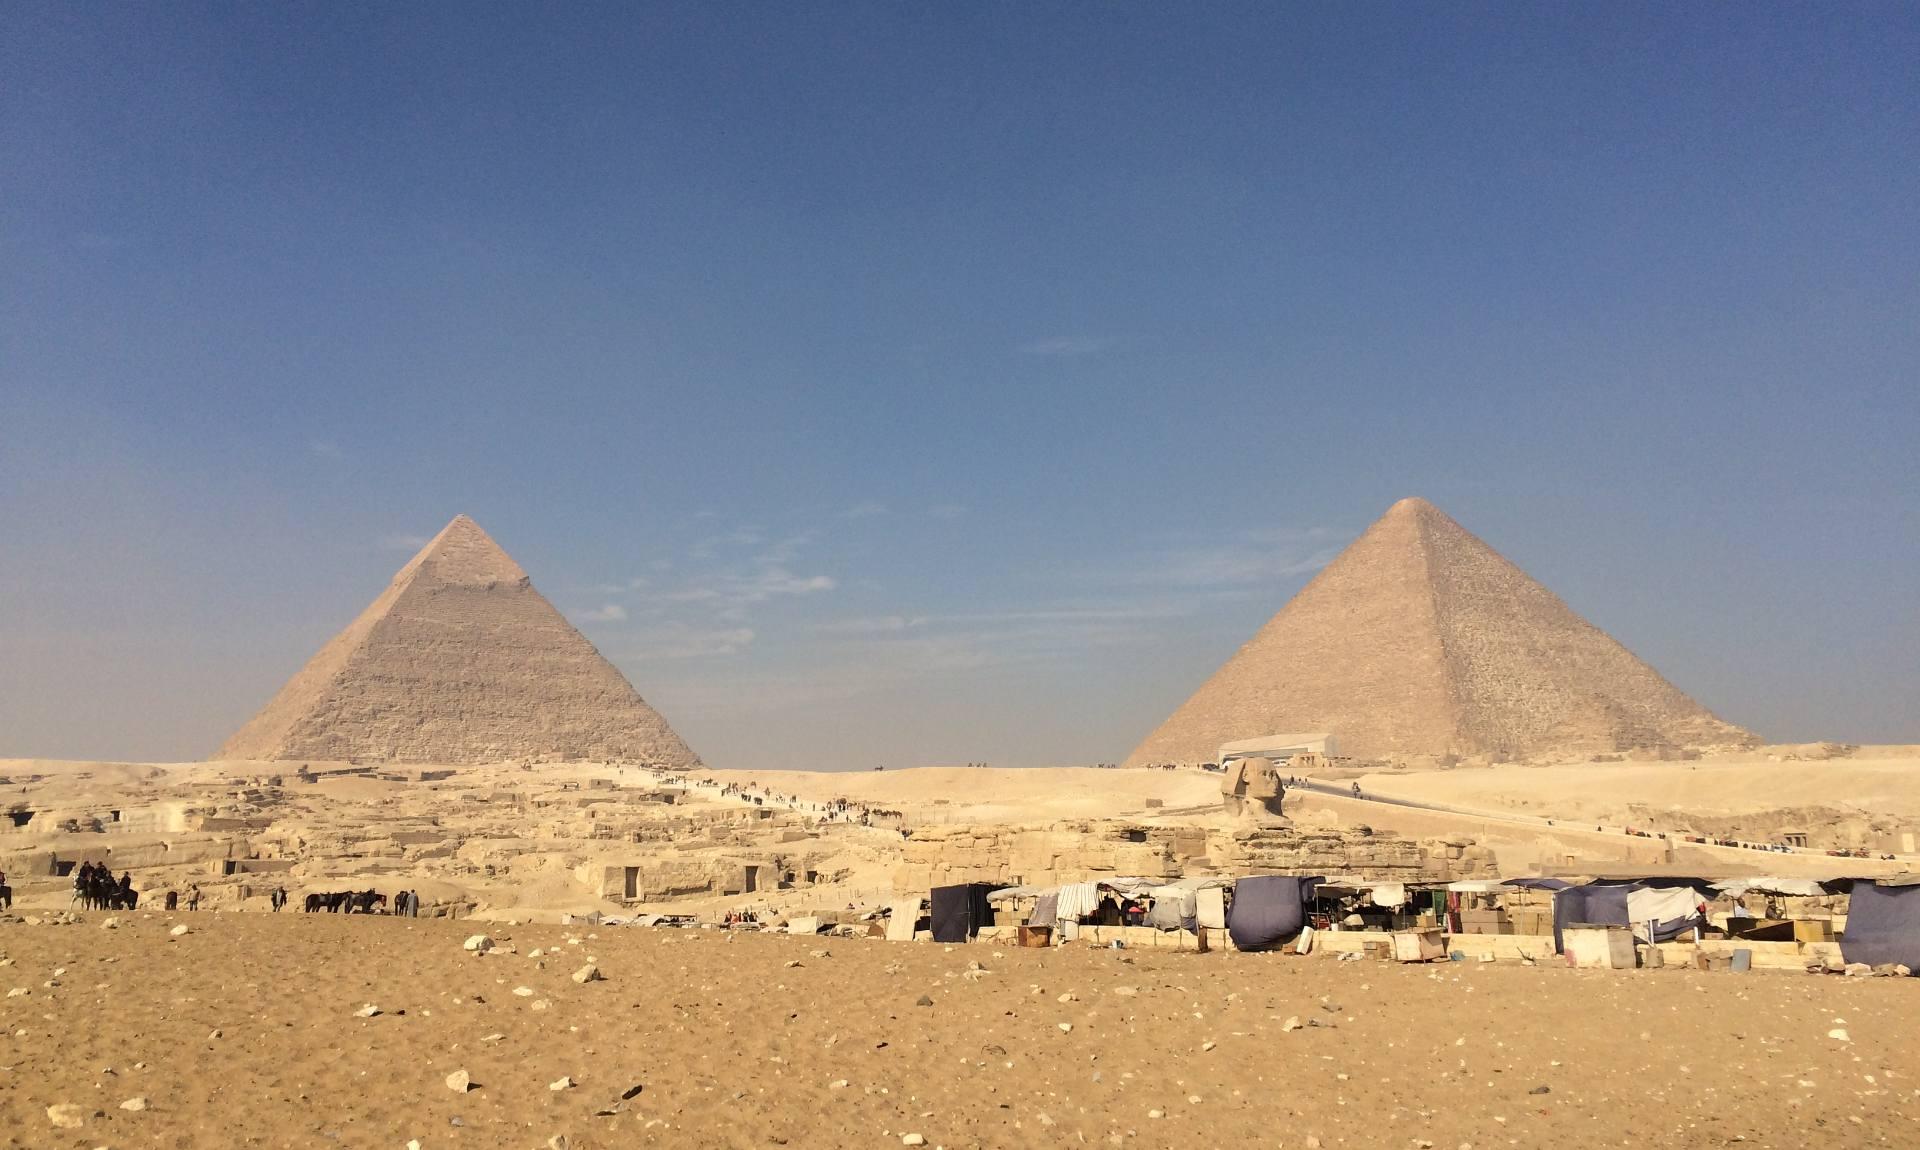 Ist ägypten Eine Reise Wert Auswärtiges Amt Warnt Weiter